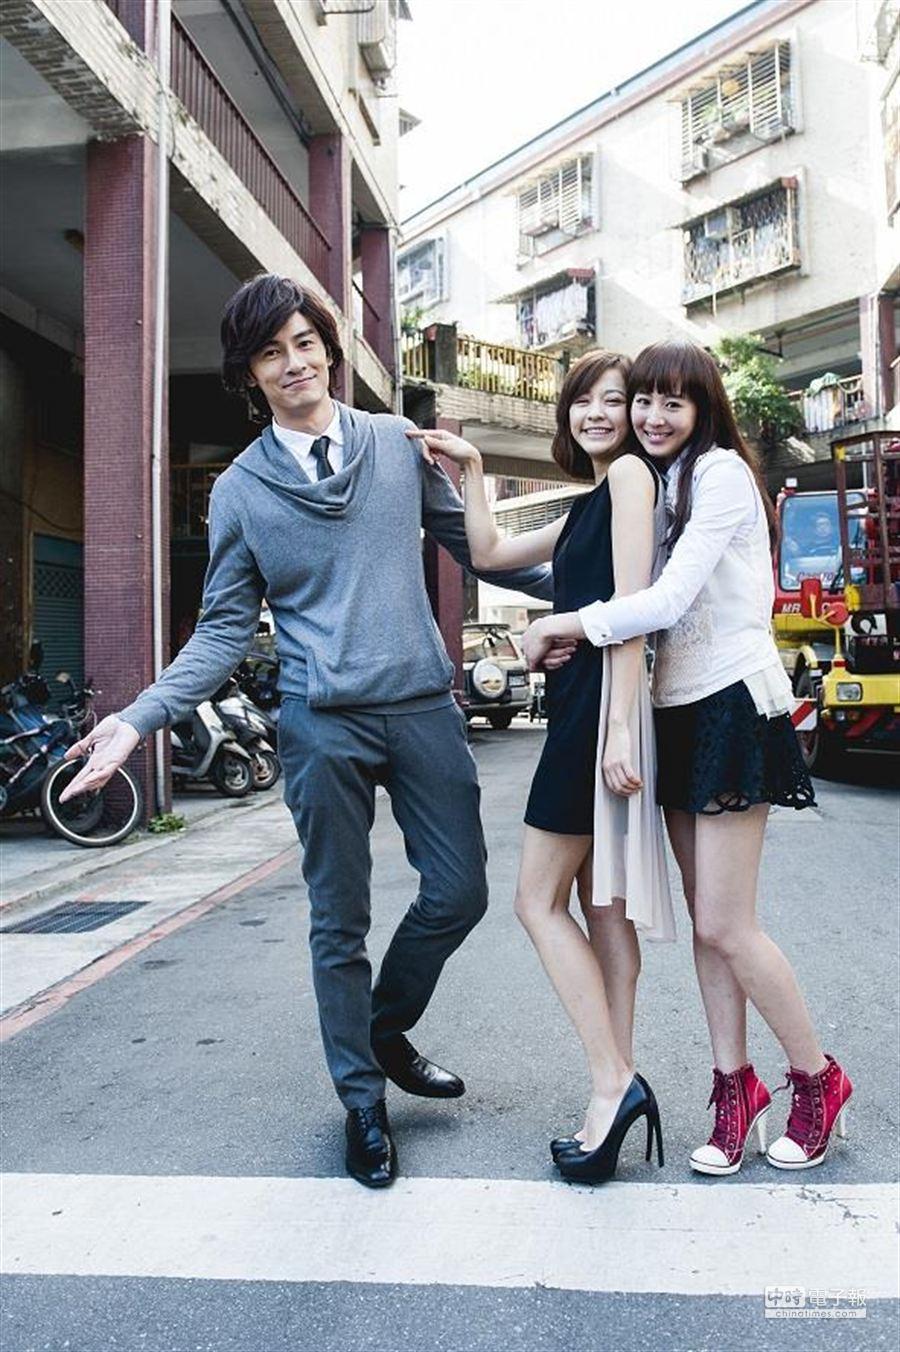 鄭元暢(左起)、陳意涵及張鈞甯私交不錯。(氧氣公司提供)